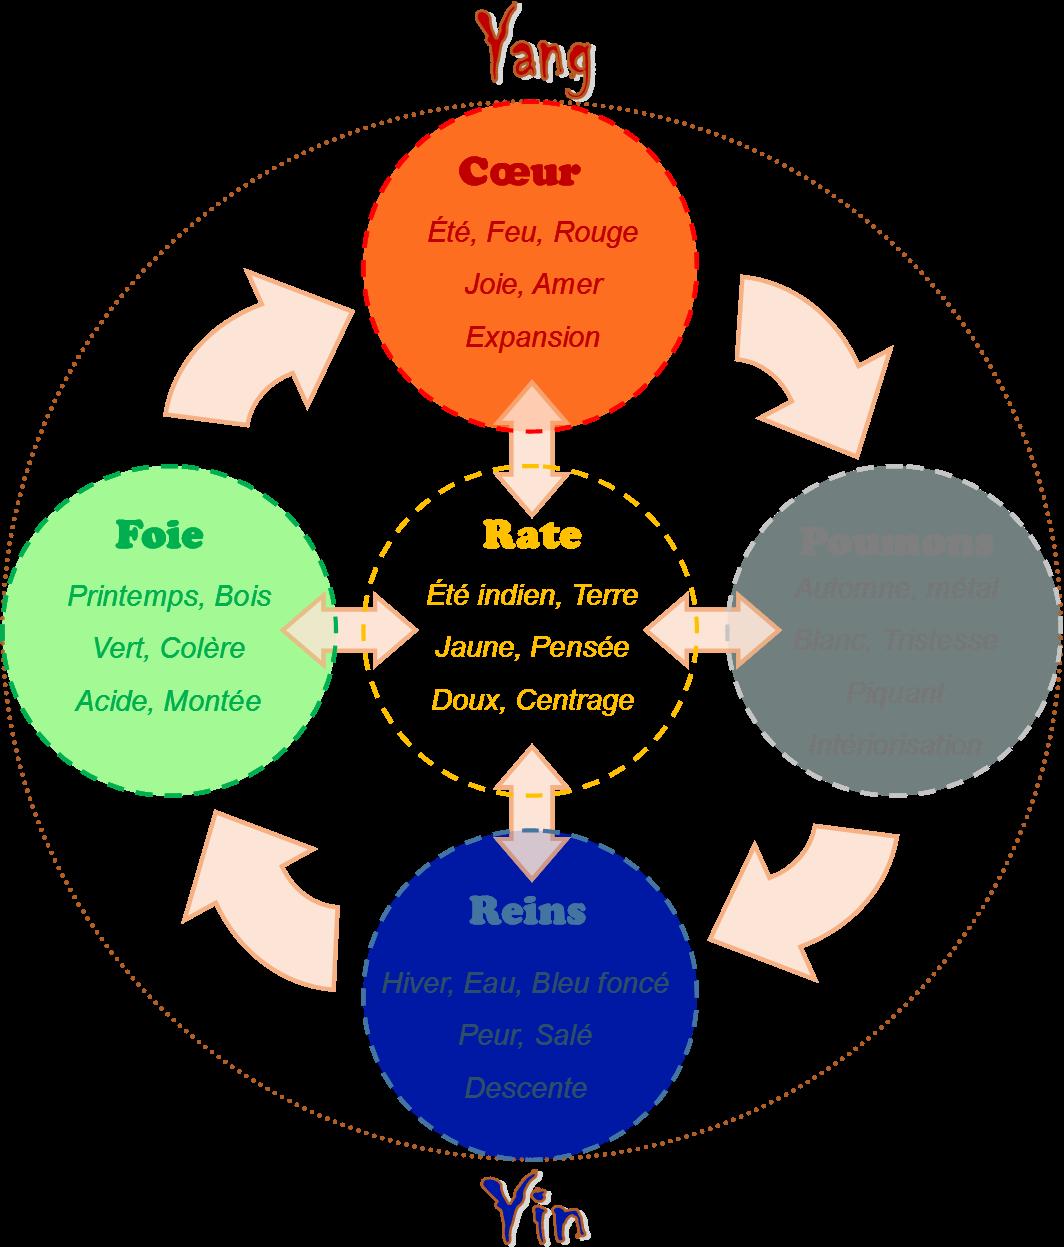 5 mouvements MTC 1 - Comment définir la Médecine Traditionnelle Chinoise (MTC)? - Arkade Genève - Thérapie, training, bien-être